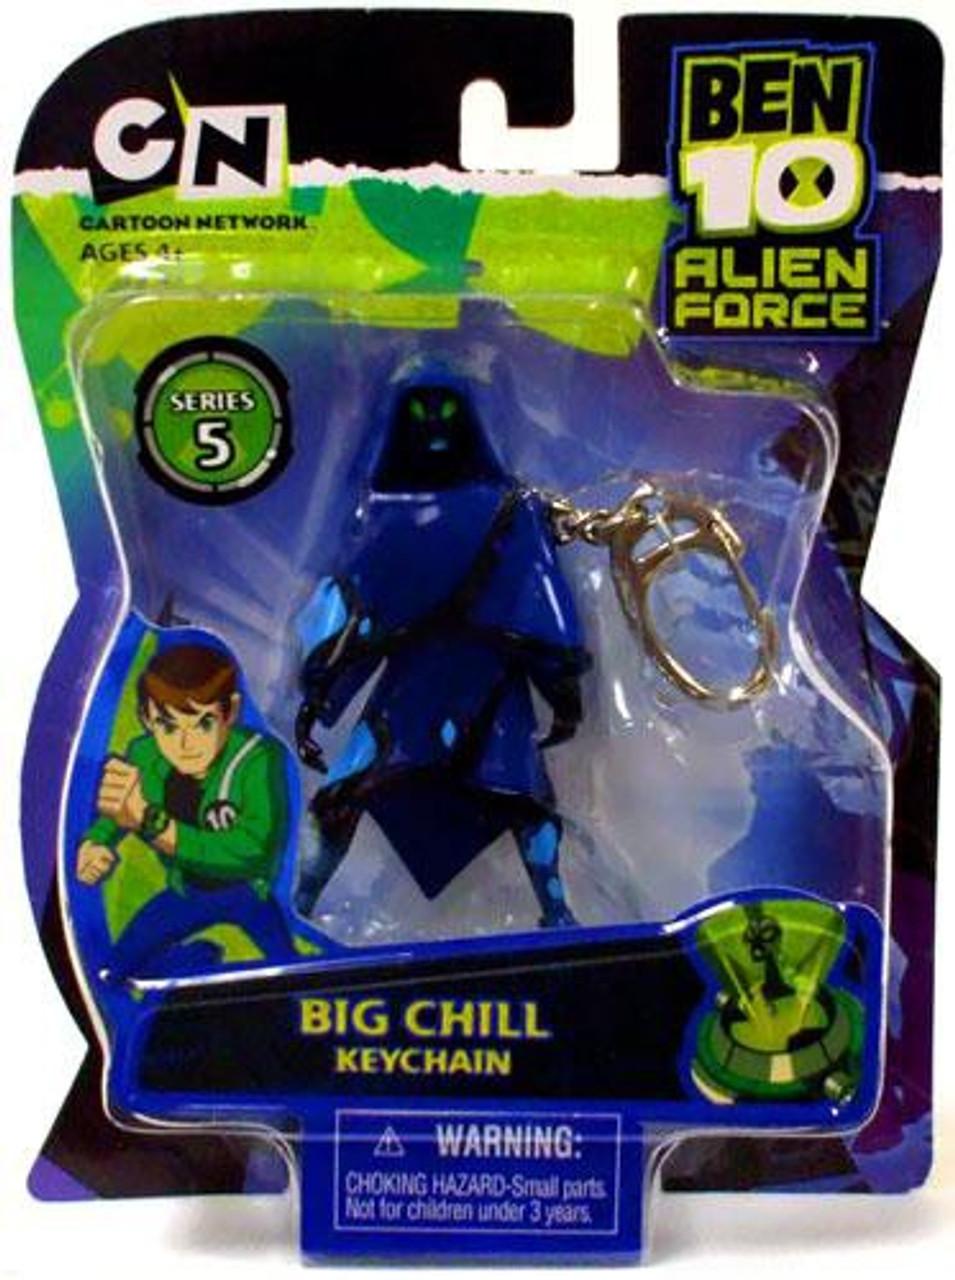 Ben 10 Alien Force Series 5 Big Chill Keychain